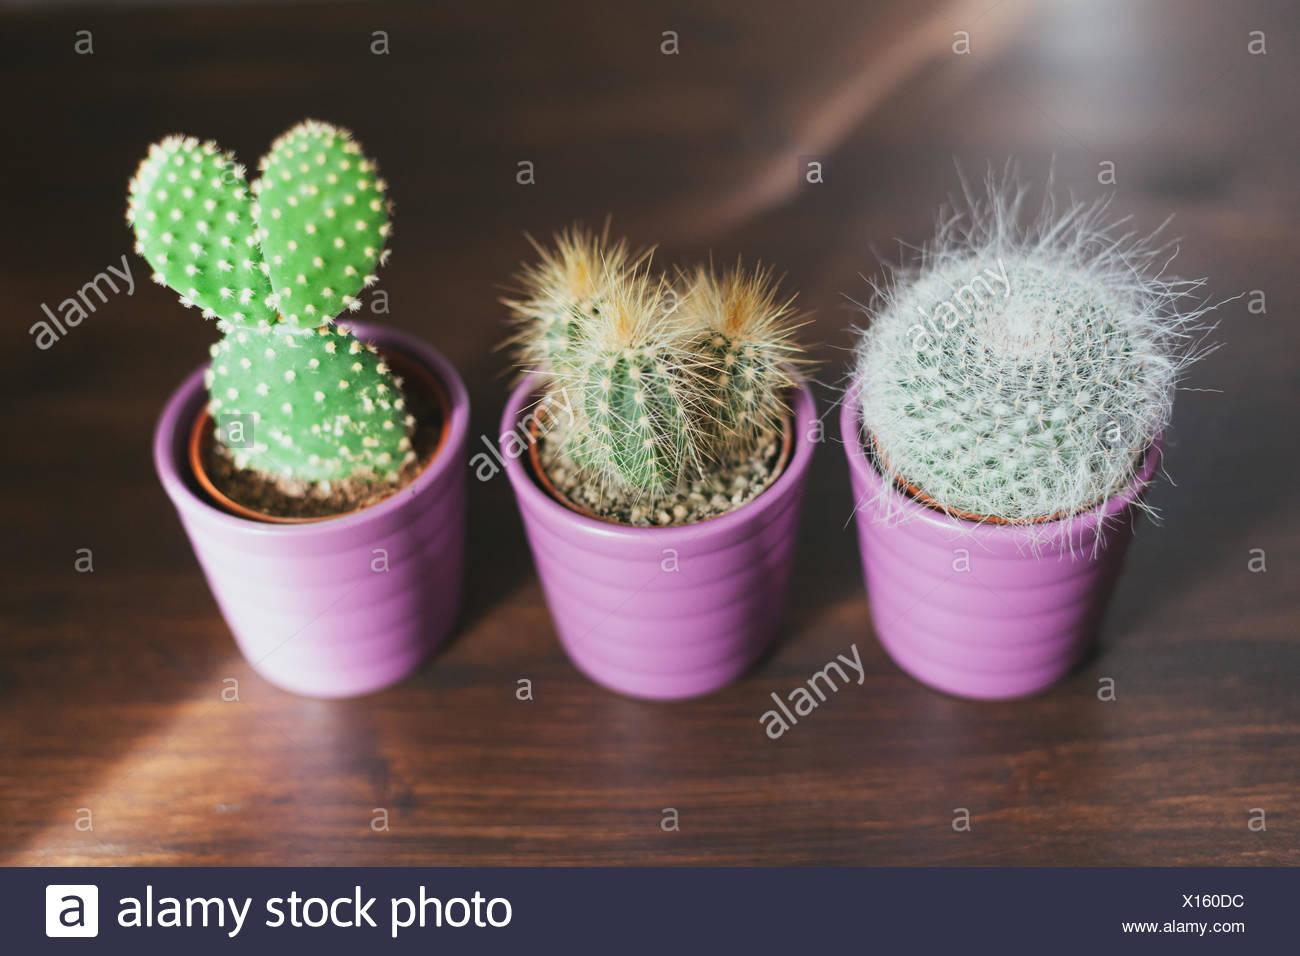 Angolo di Alta Vista di vasi di Cactus su pavimento in legno duro Immagini Stock